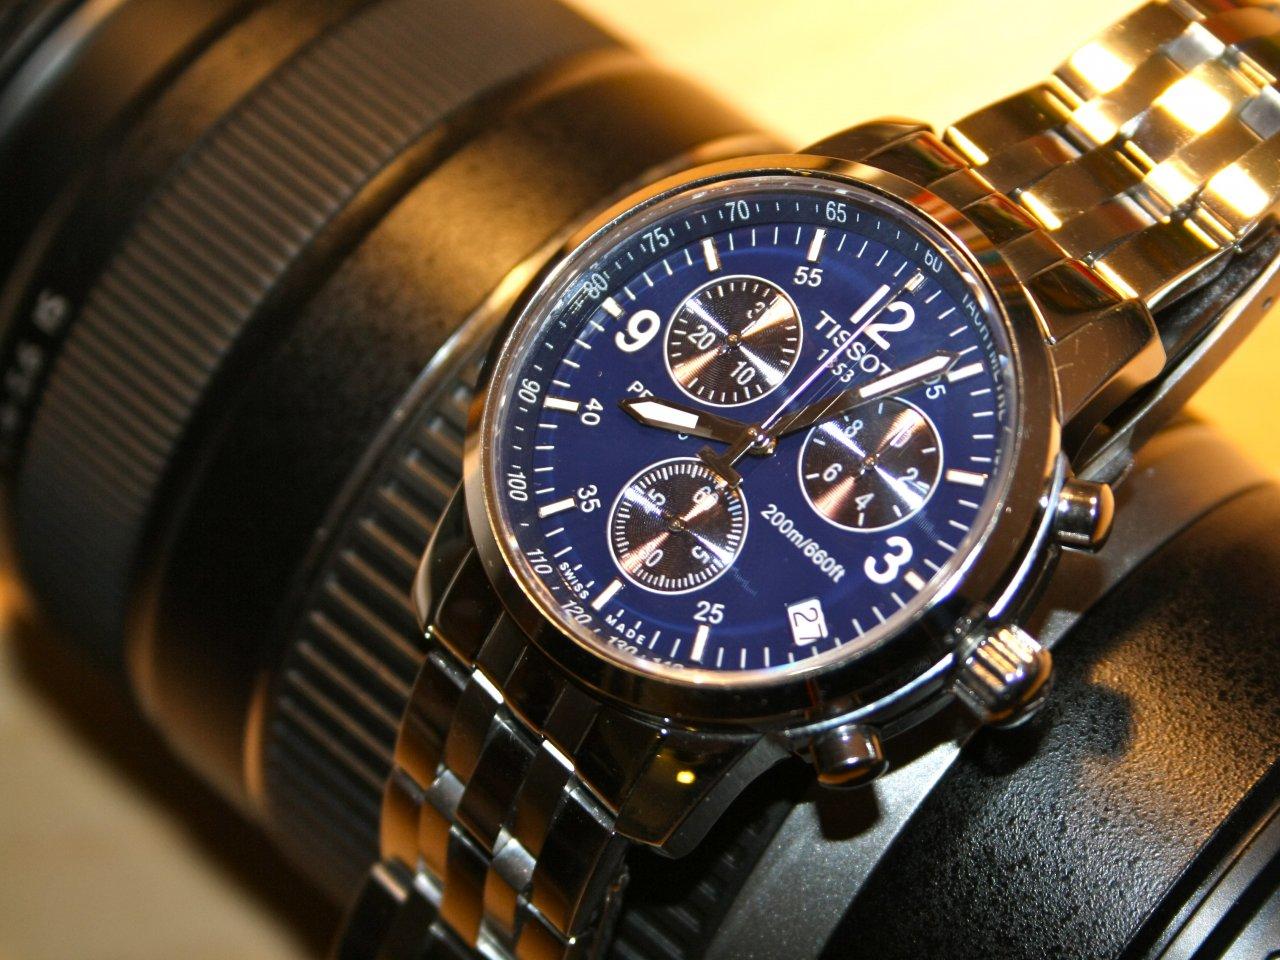 Đồng hồ Tissot nam T17.1.586.42 cá tính sành điệu